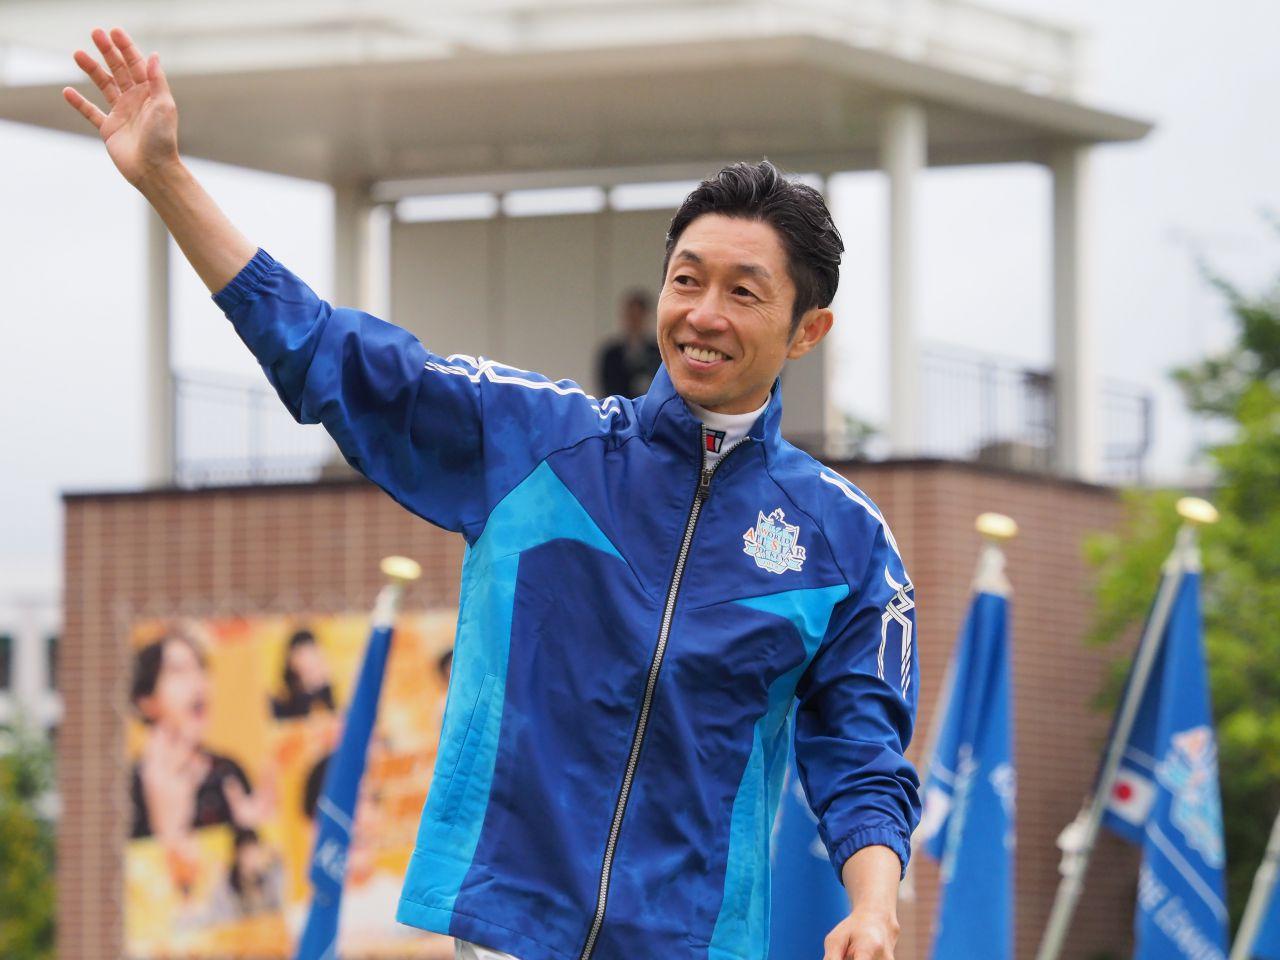 【京都4R】ゴールドラグーン逃げ切り!武豊本日の騎乗機会3連勝